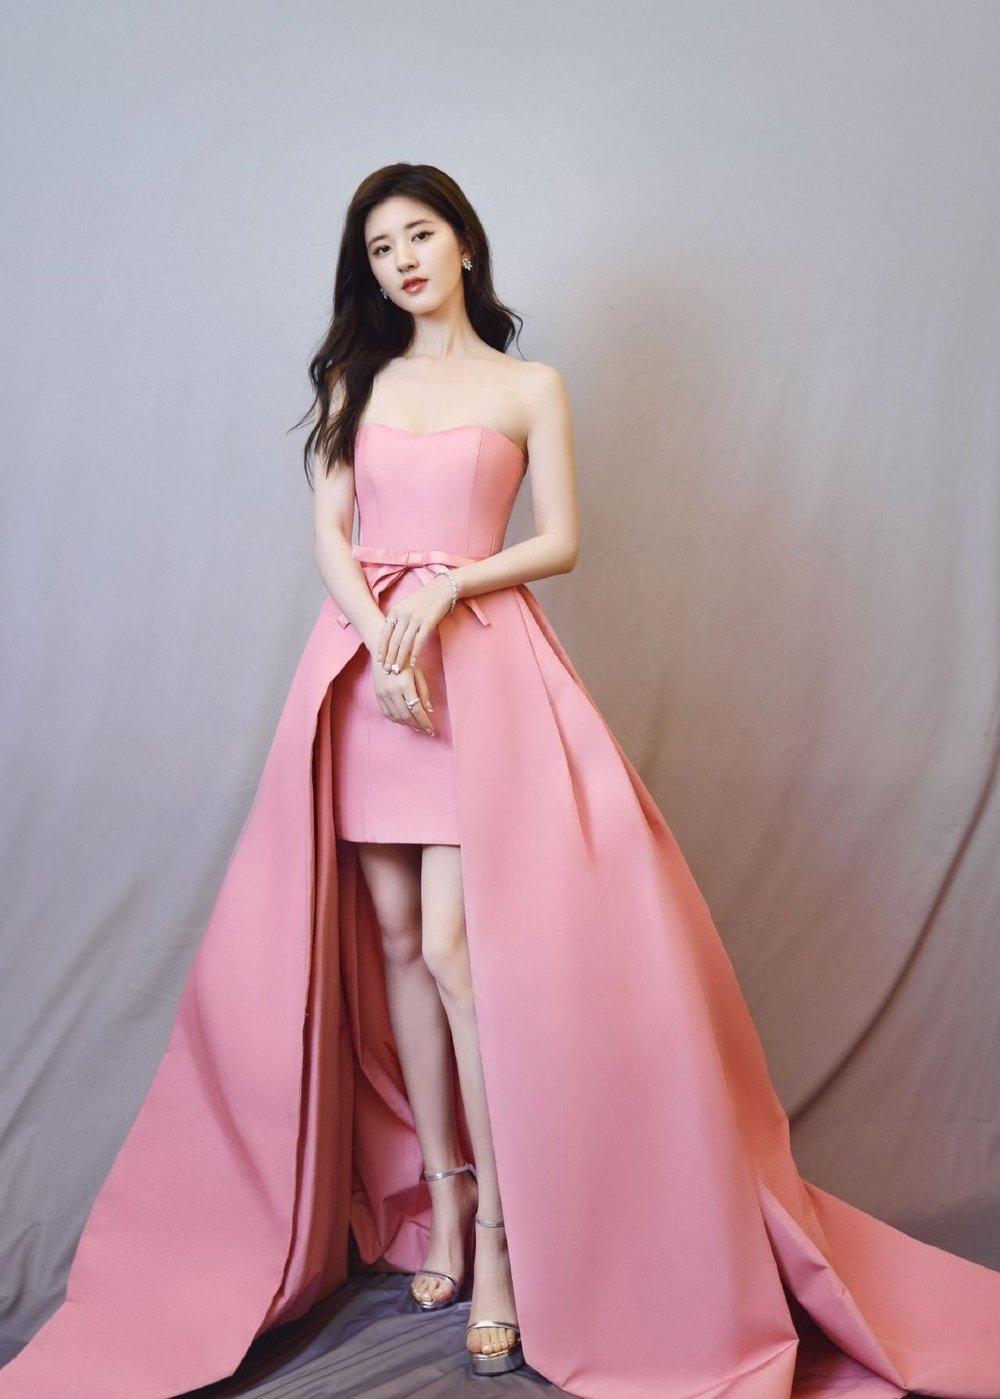 17 mỹ nhân Cbiz đọ sắc trong váy dạ hội màu hồng: Lộ Tư kiêu sa, Dương Mịch quyến rũ, Nhiệt Ba 'ngọt lịm' đến trùm cuối sến súa nổi da gà 3